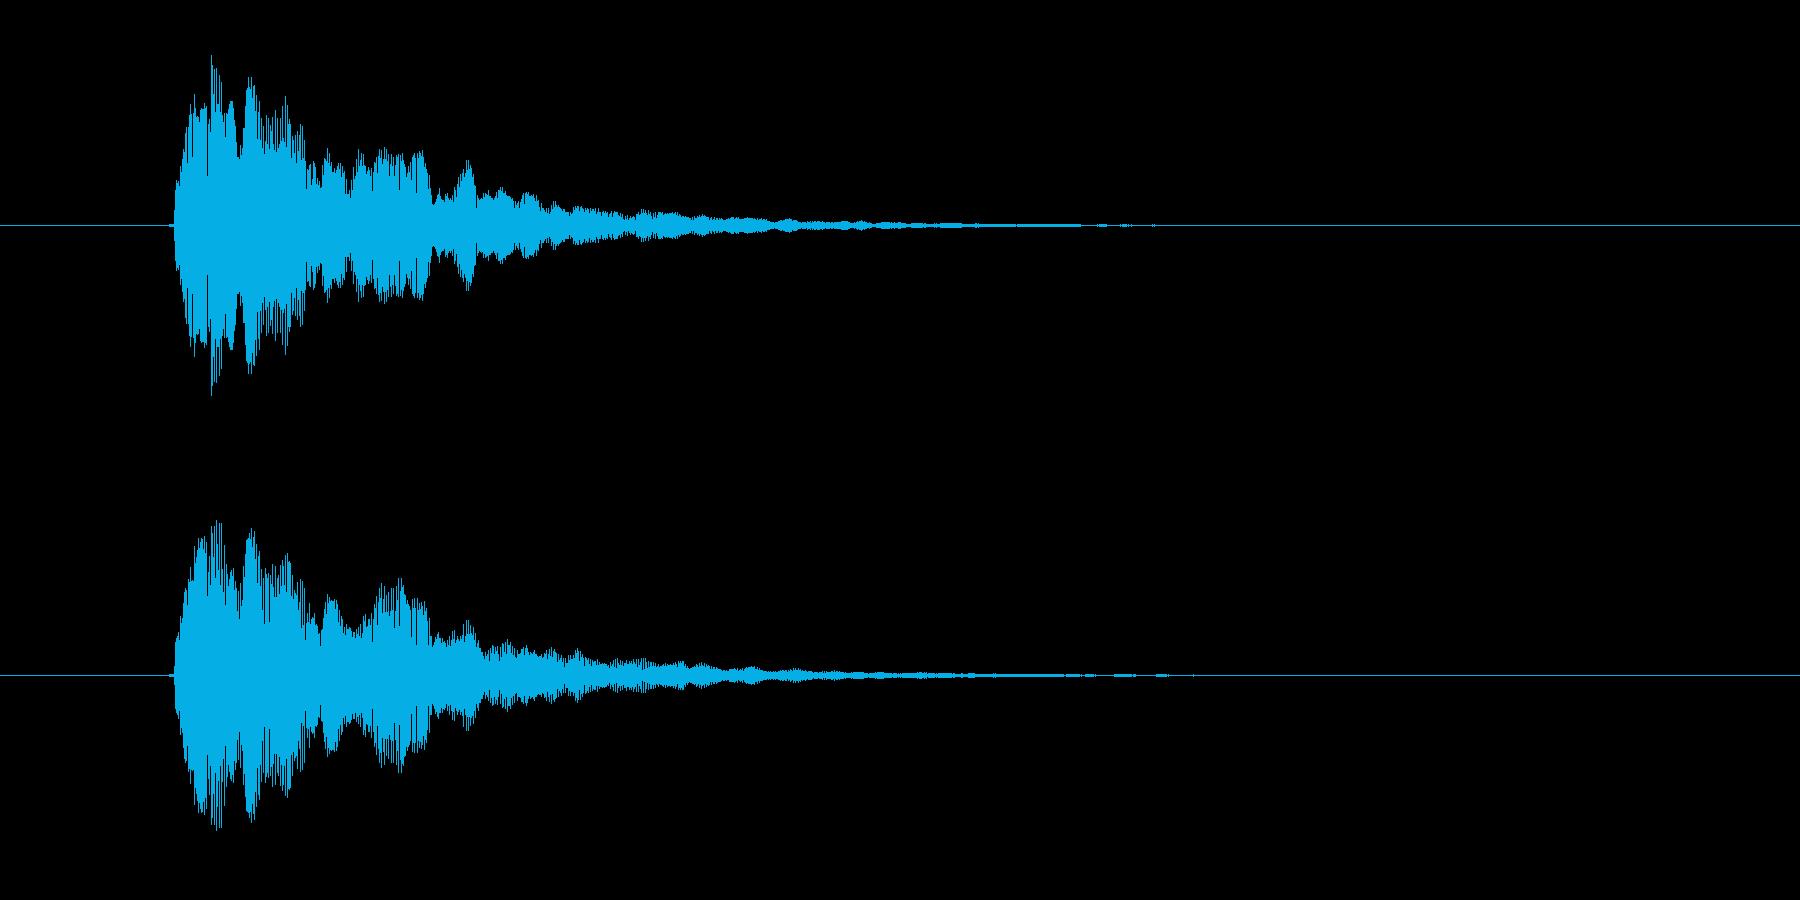 ビョワーン!アナログシンセなジングルの再生済みの波形